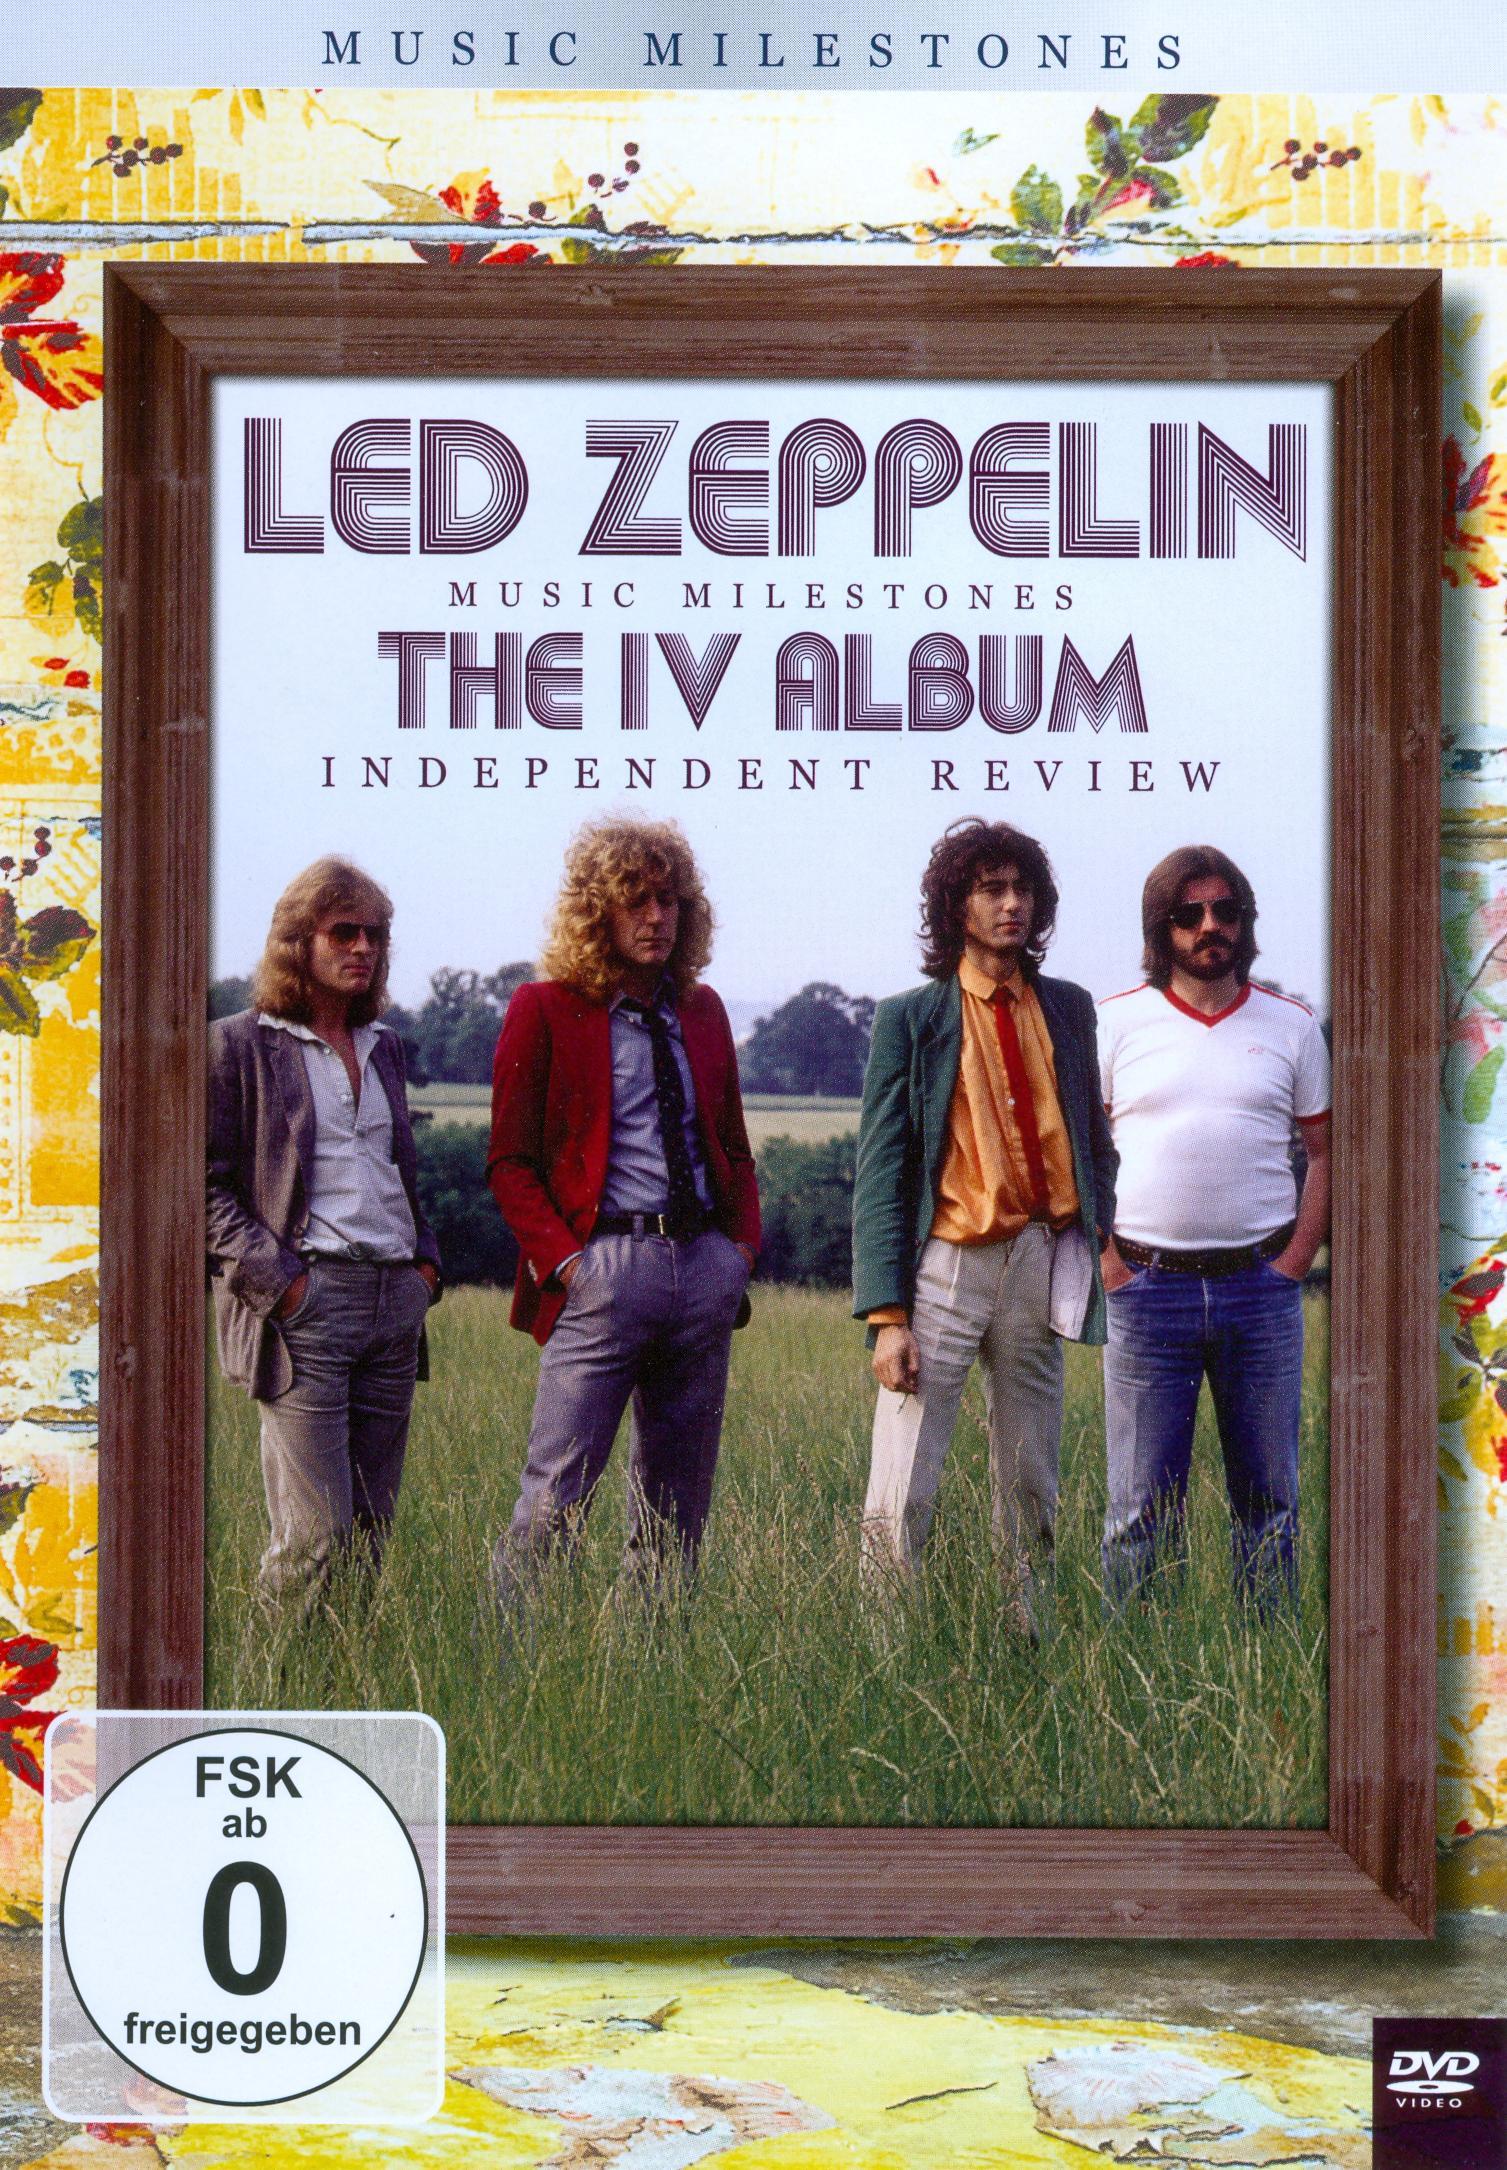 Led Zeppelin: Music Milestones - IV